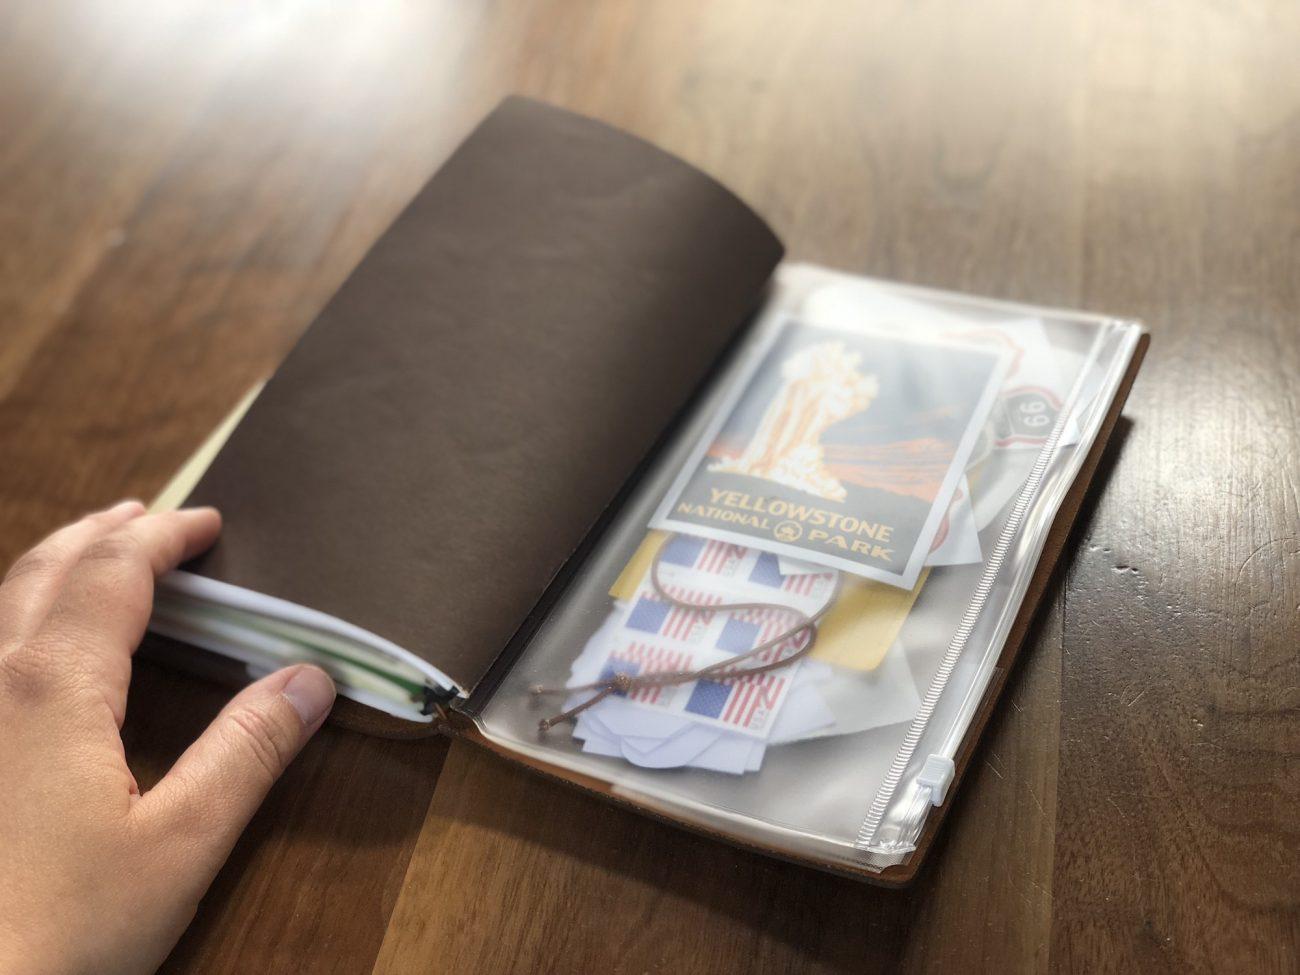 Traveler's Notebook Plastic Insert